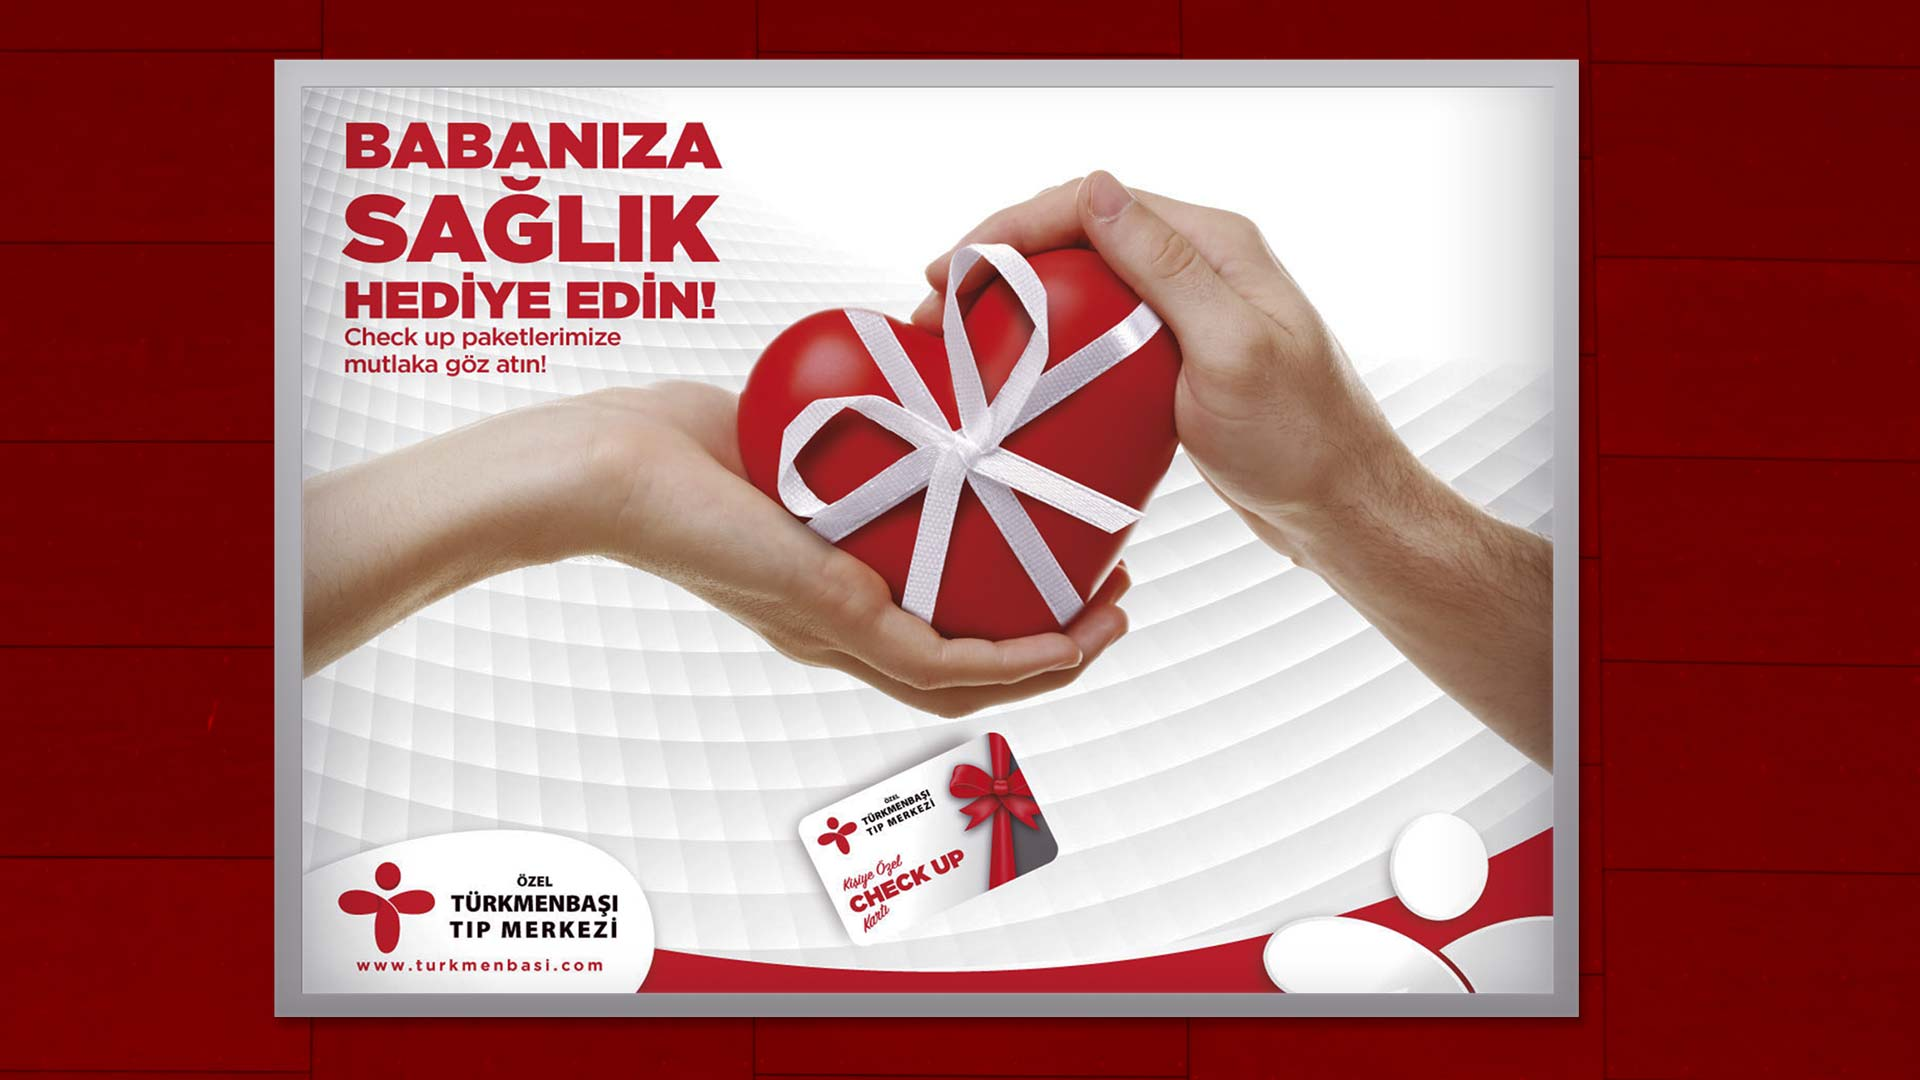 Türkmenbaşı Tıp Merkezi - Açıkhava İlan Tasarımı